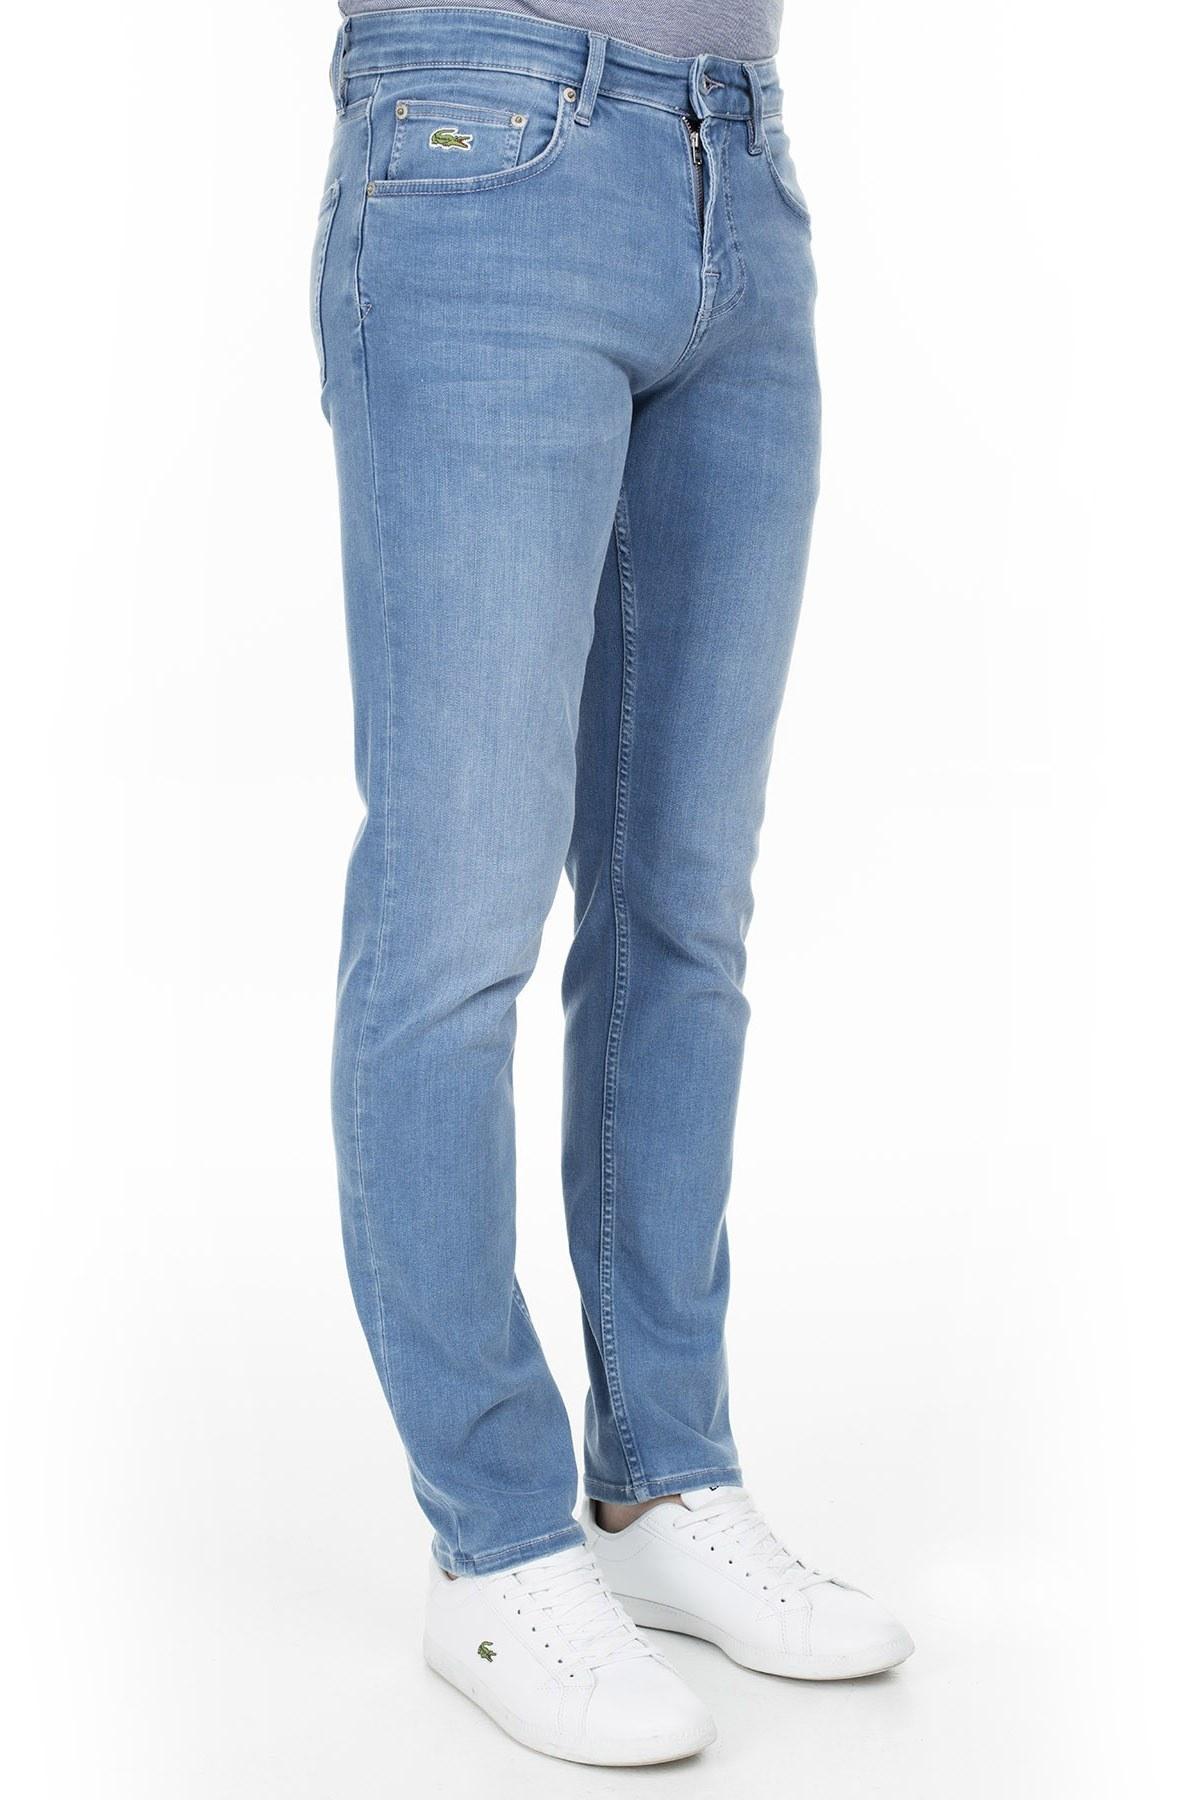 Lacoste Slim Fit Jeans Erkek Kot Pantolon HH0010 10M AÇIK MAVİ